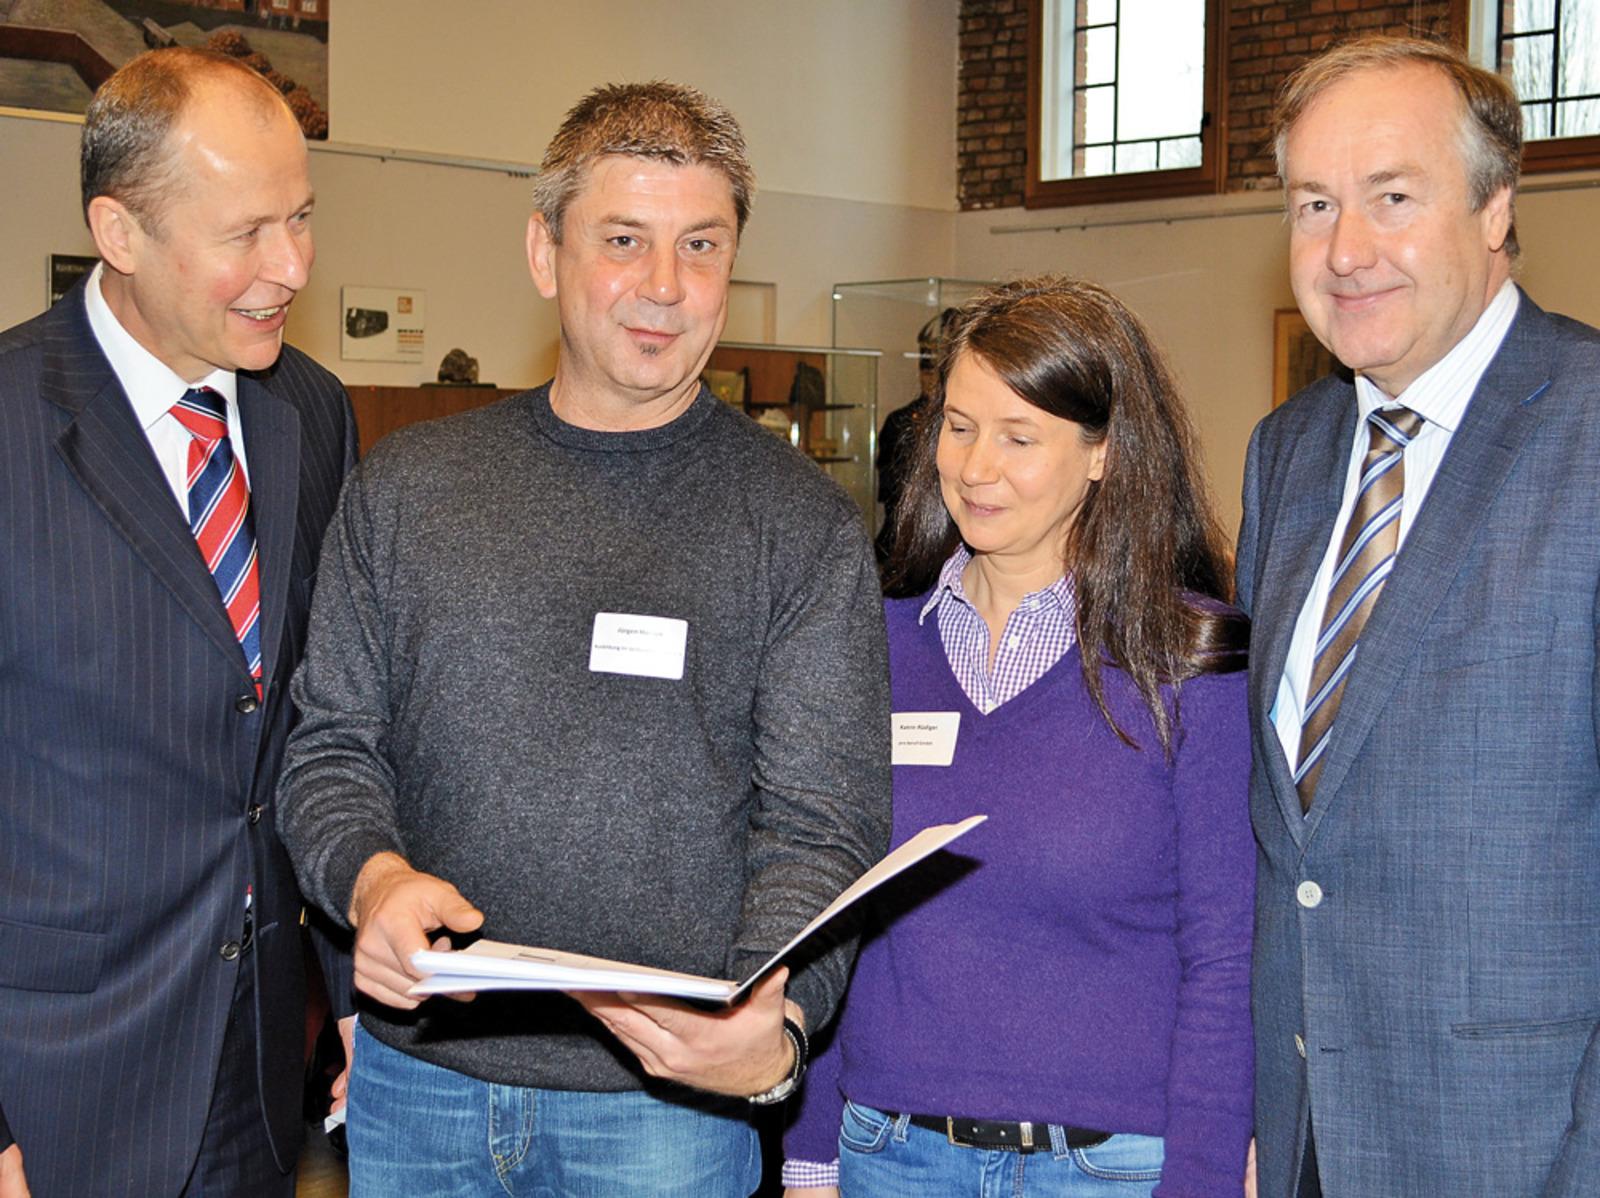 Sie haben das Ausbilderfrühstück mitgestaltet (von links): Reinhard Meyer, Jürgen Hansen, Katrin Rüdiger und Max Matthiesen.